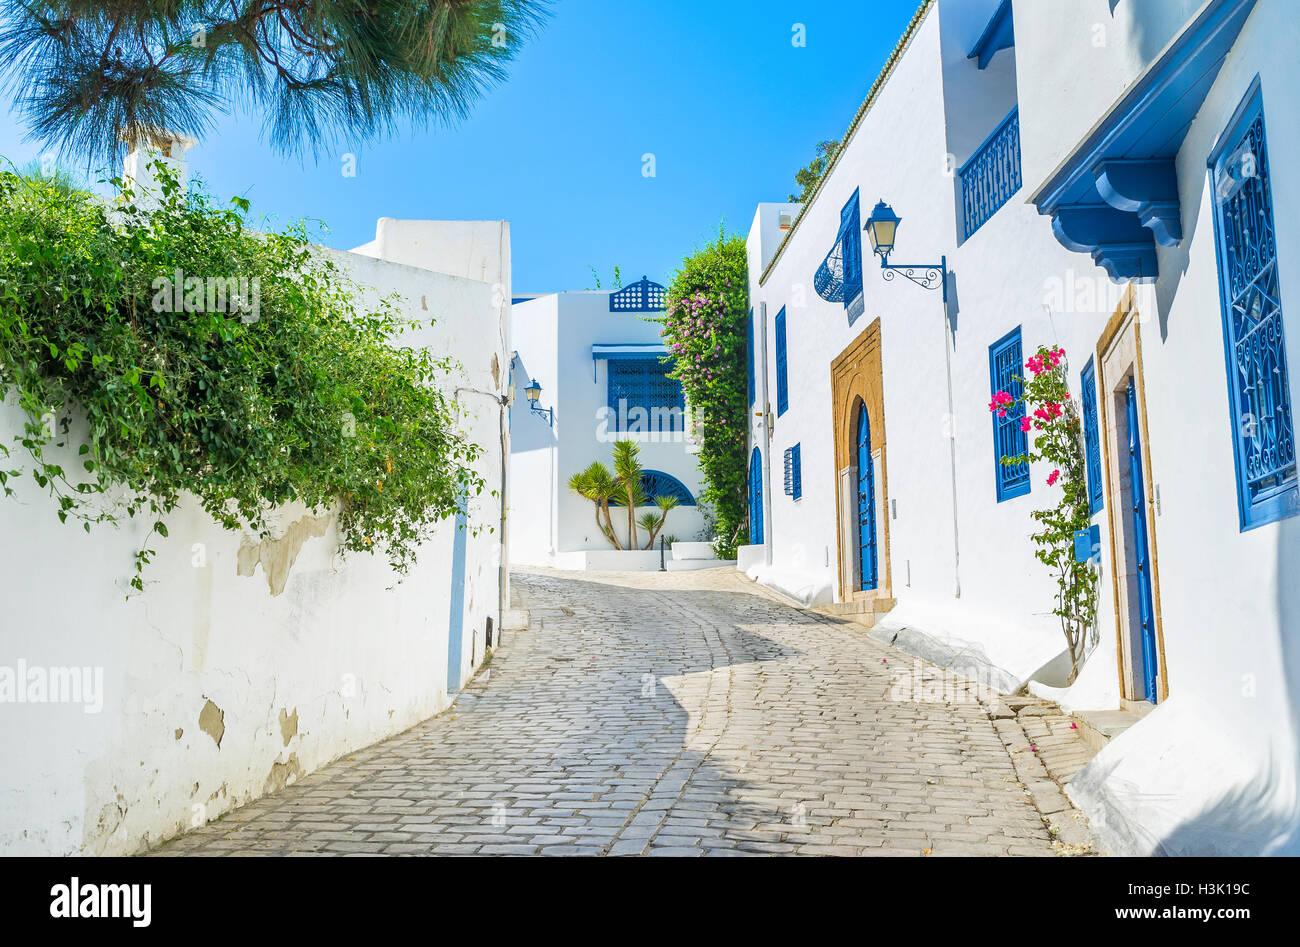 El pueblo de Sidi Bou Said es el lugar perfecto para pasar las vacaciones, Túnez. Imagen De Stock